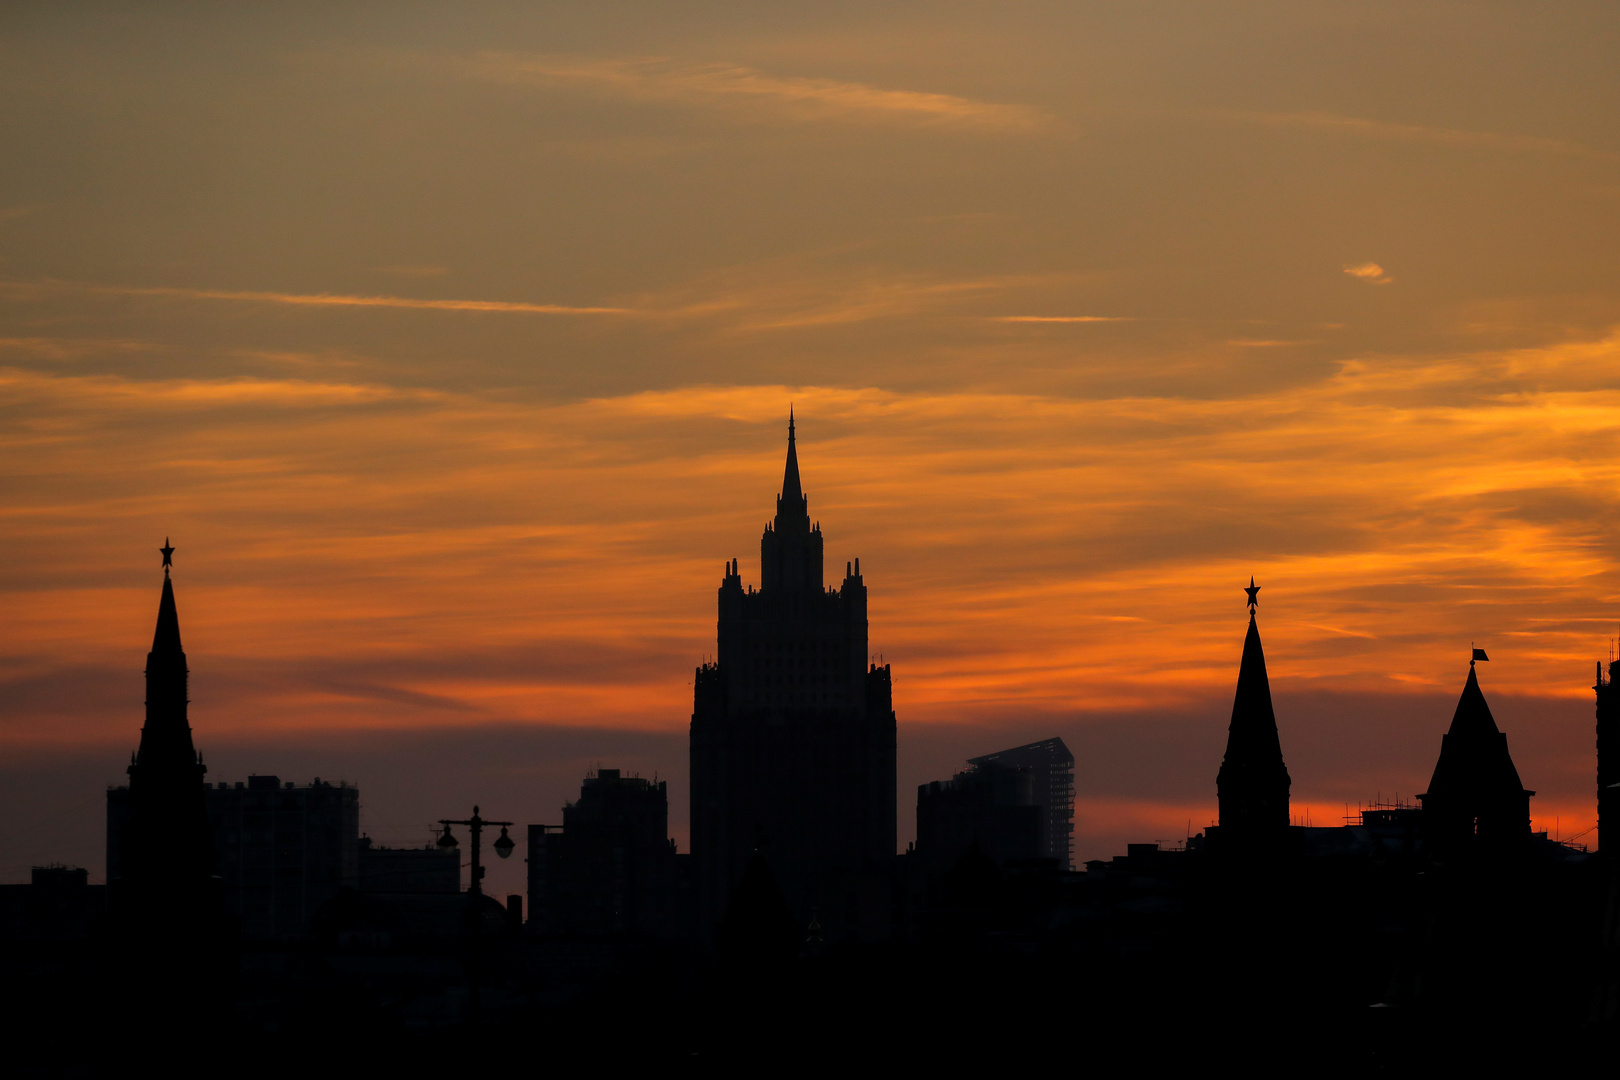 موسكو: لا أساس لإلقاء اللوم على الصين في جائحة كورونا